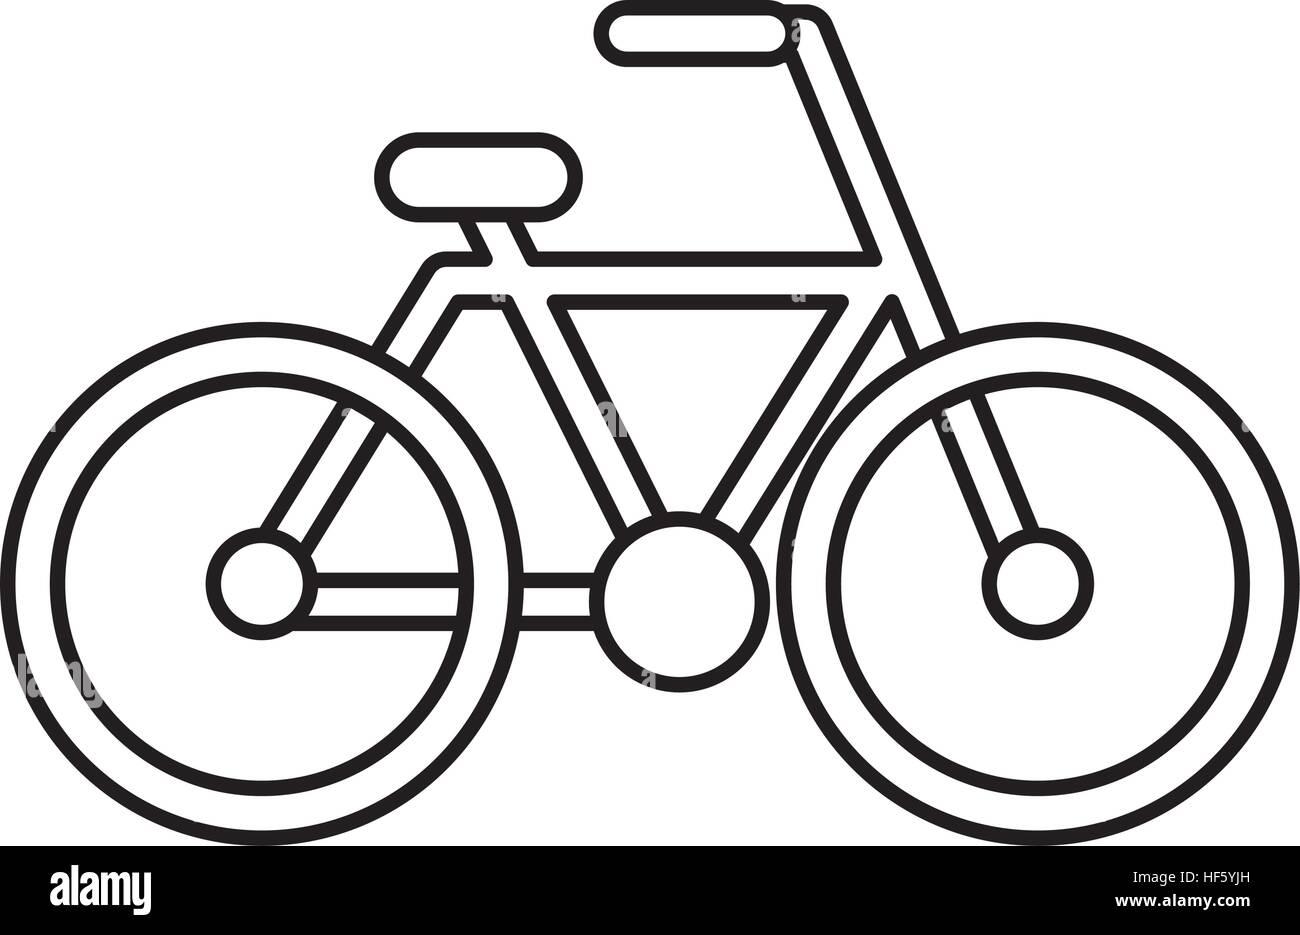 Disegno Di Bicicletta Icona Isolato Illustrazione Vettoriale Design